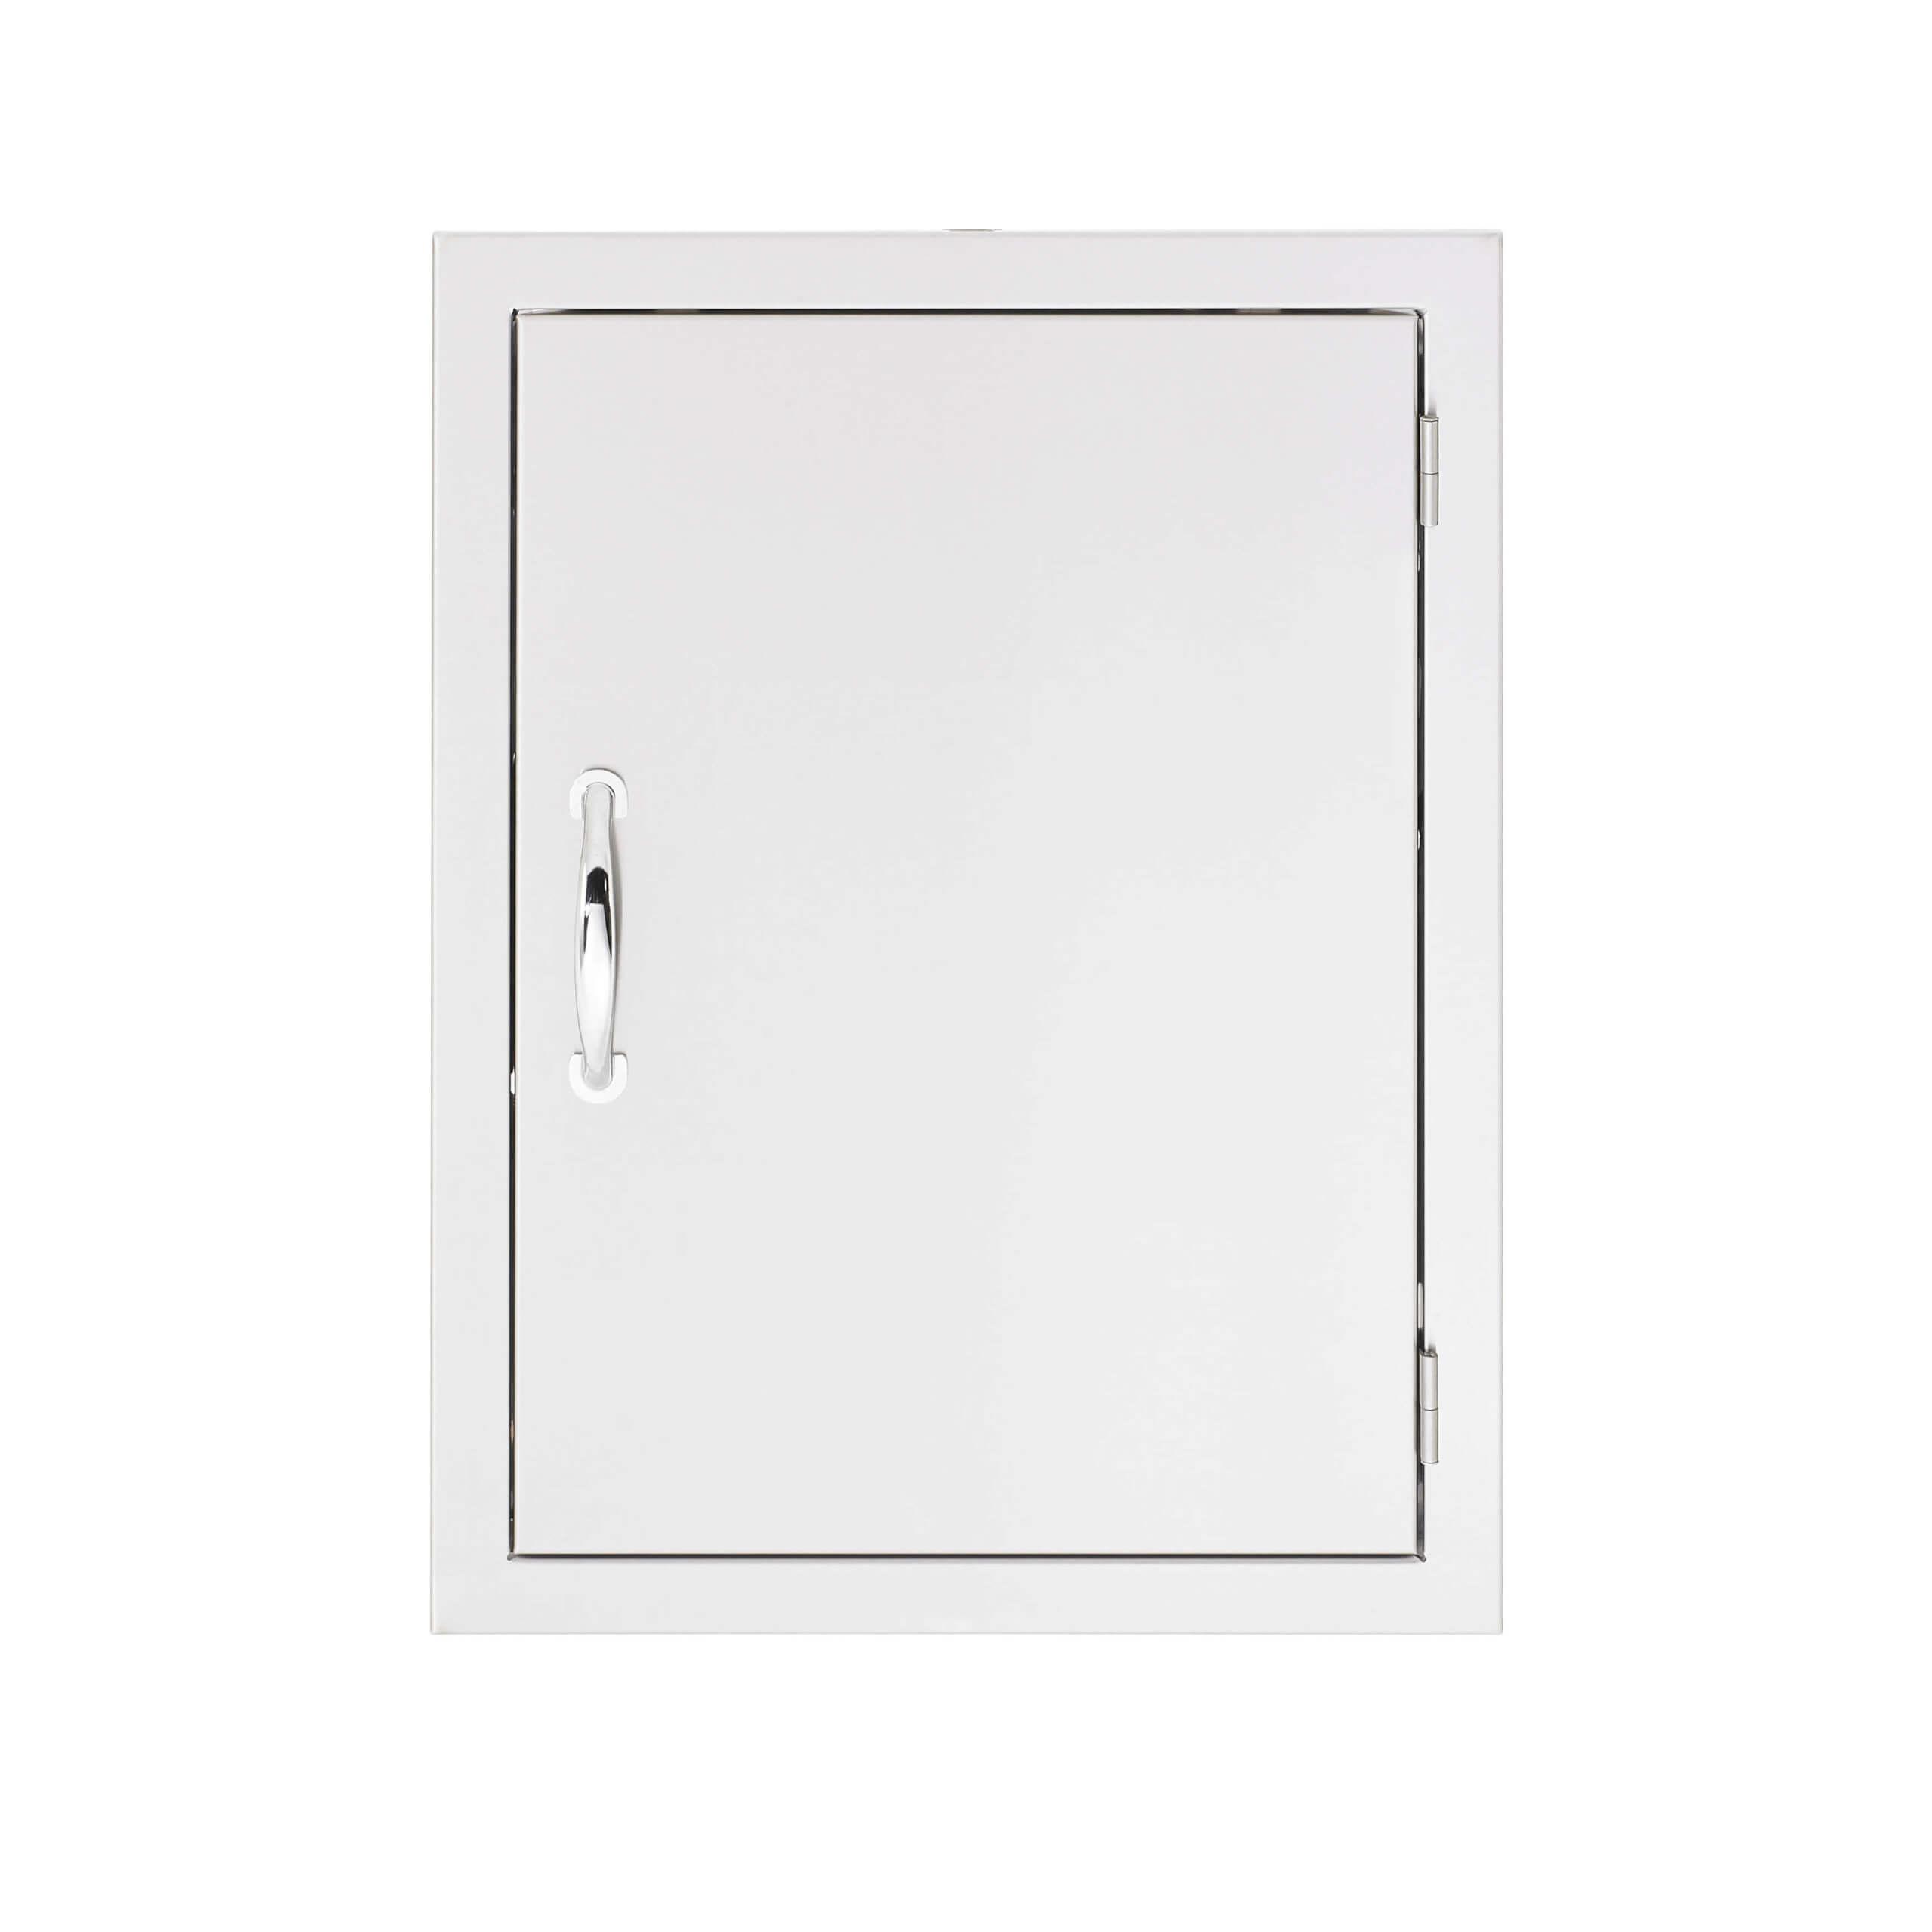 vertical-door-ssdv-summerset-outdoor-kitchens-accessories